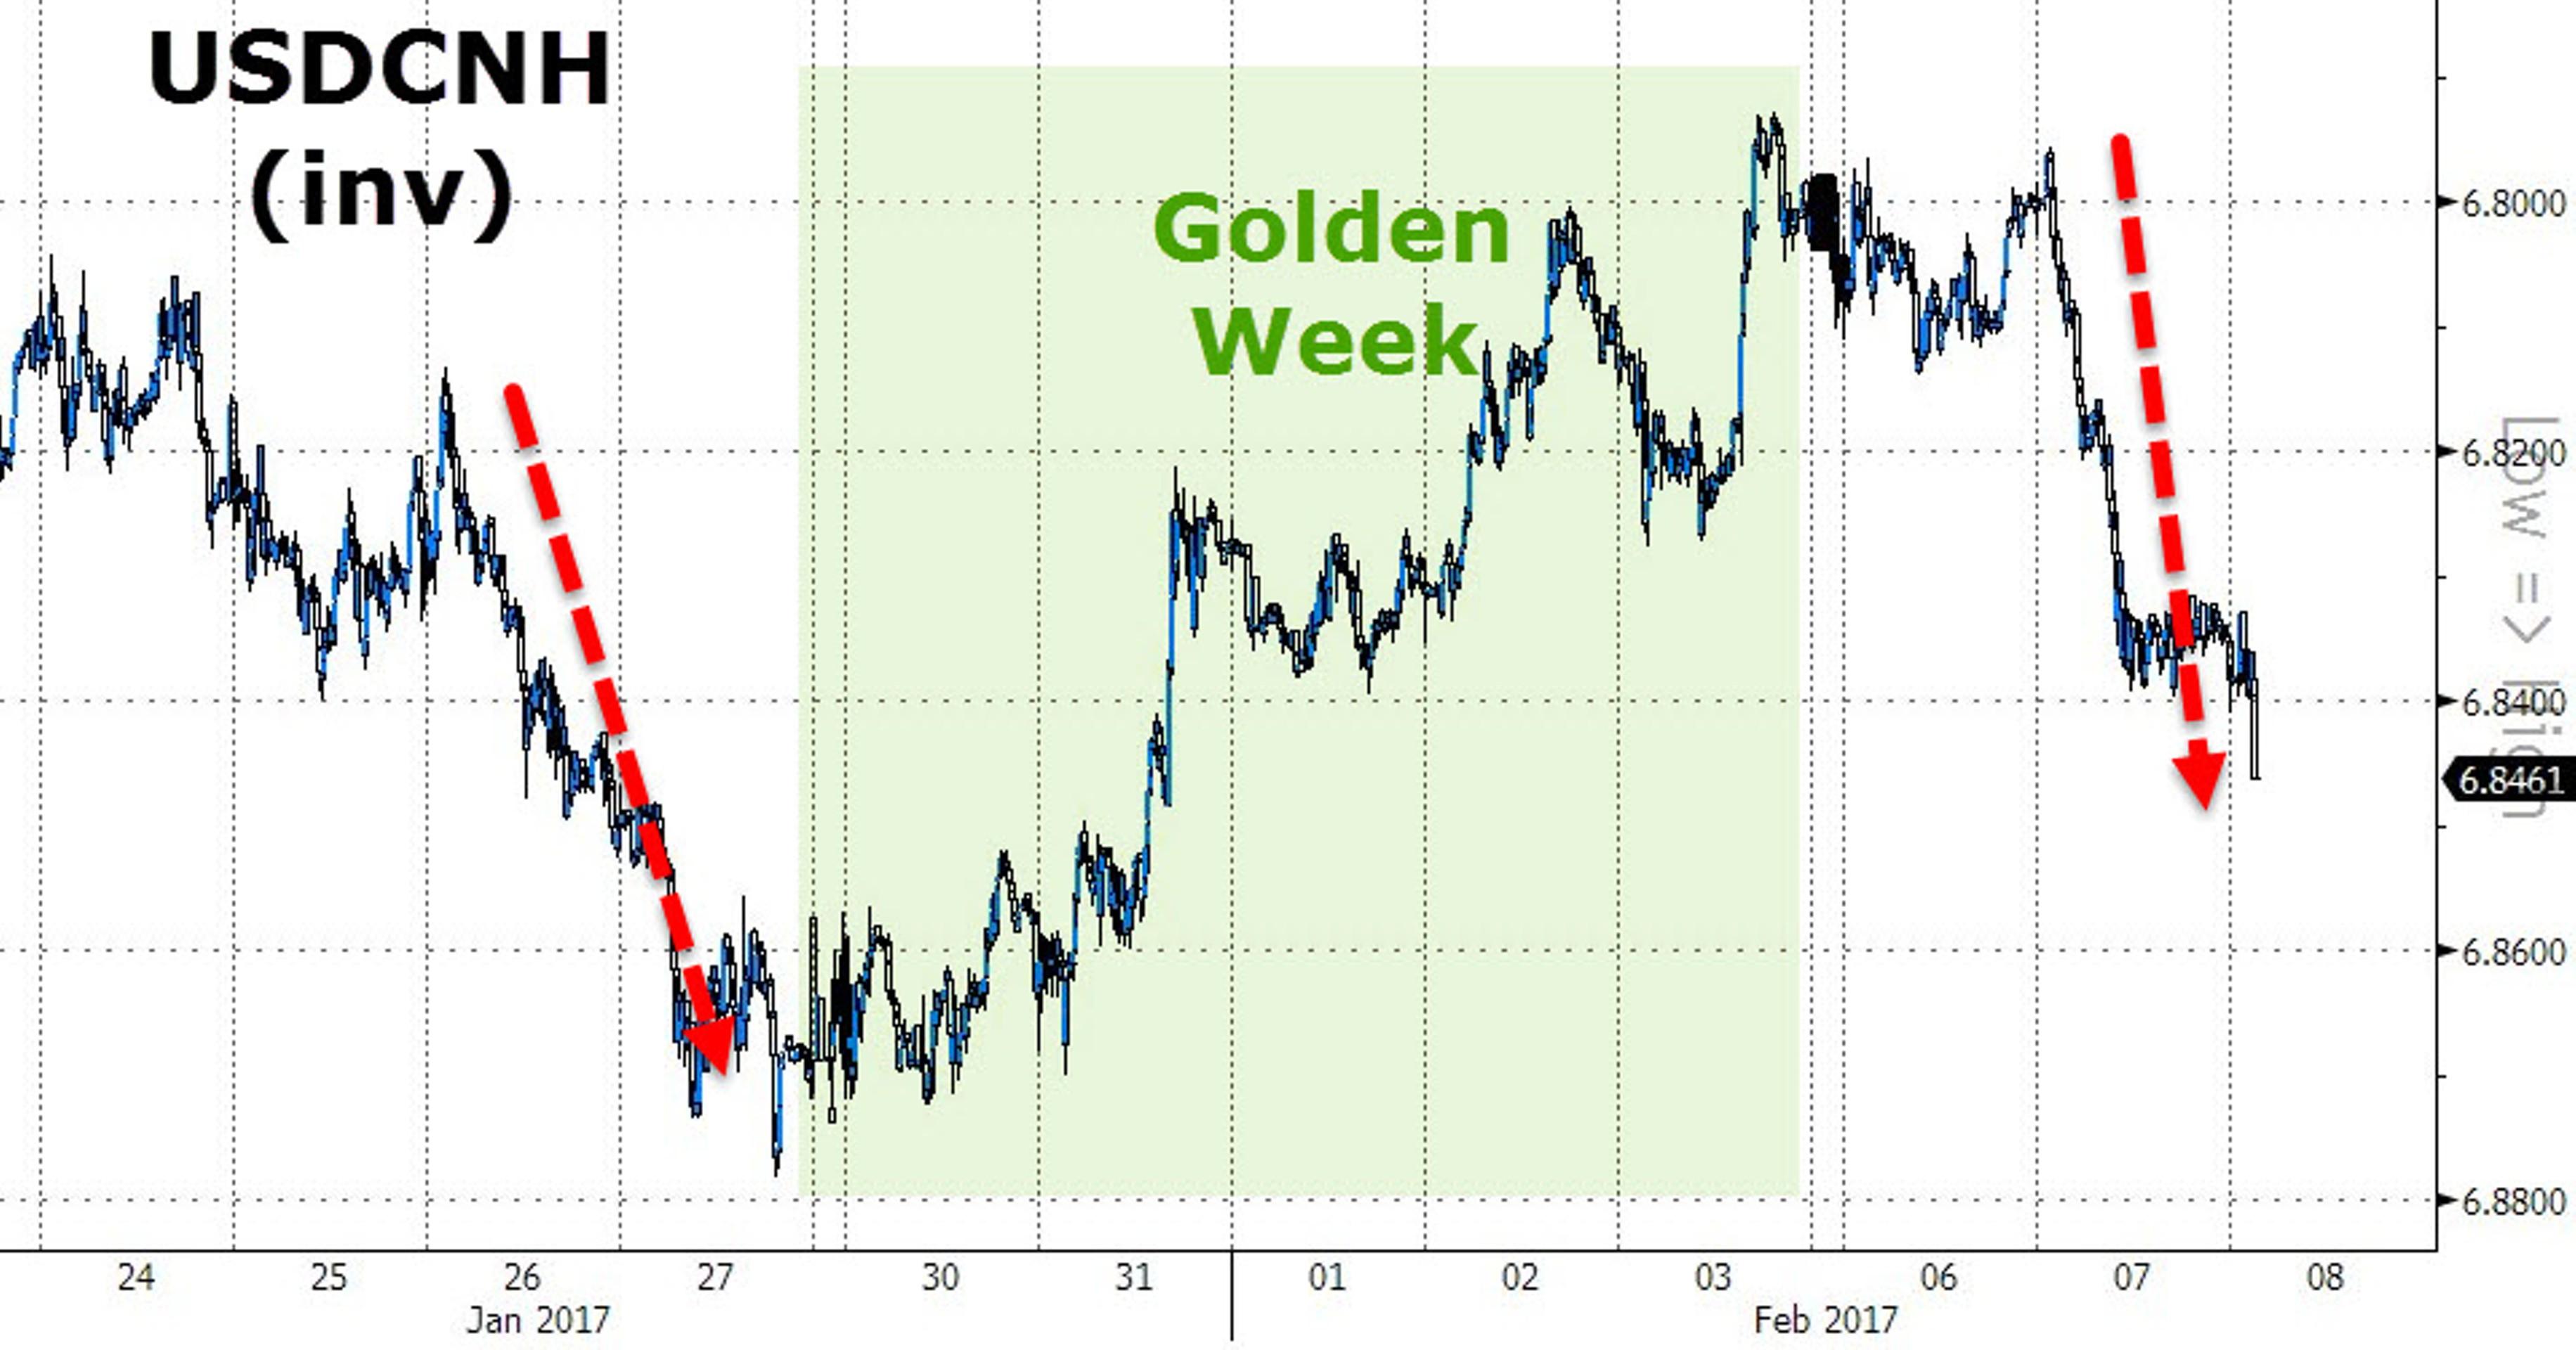 Юань падает из-за страхов инвесторов